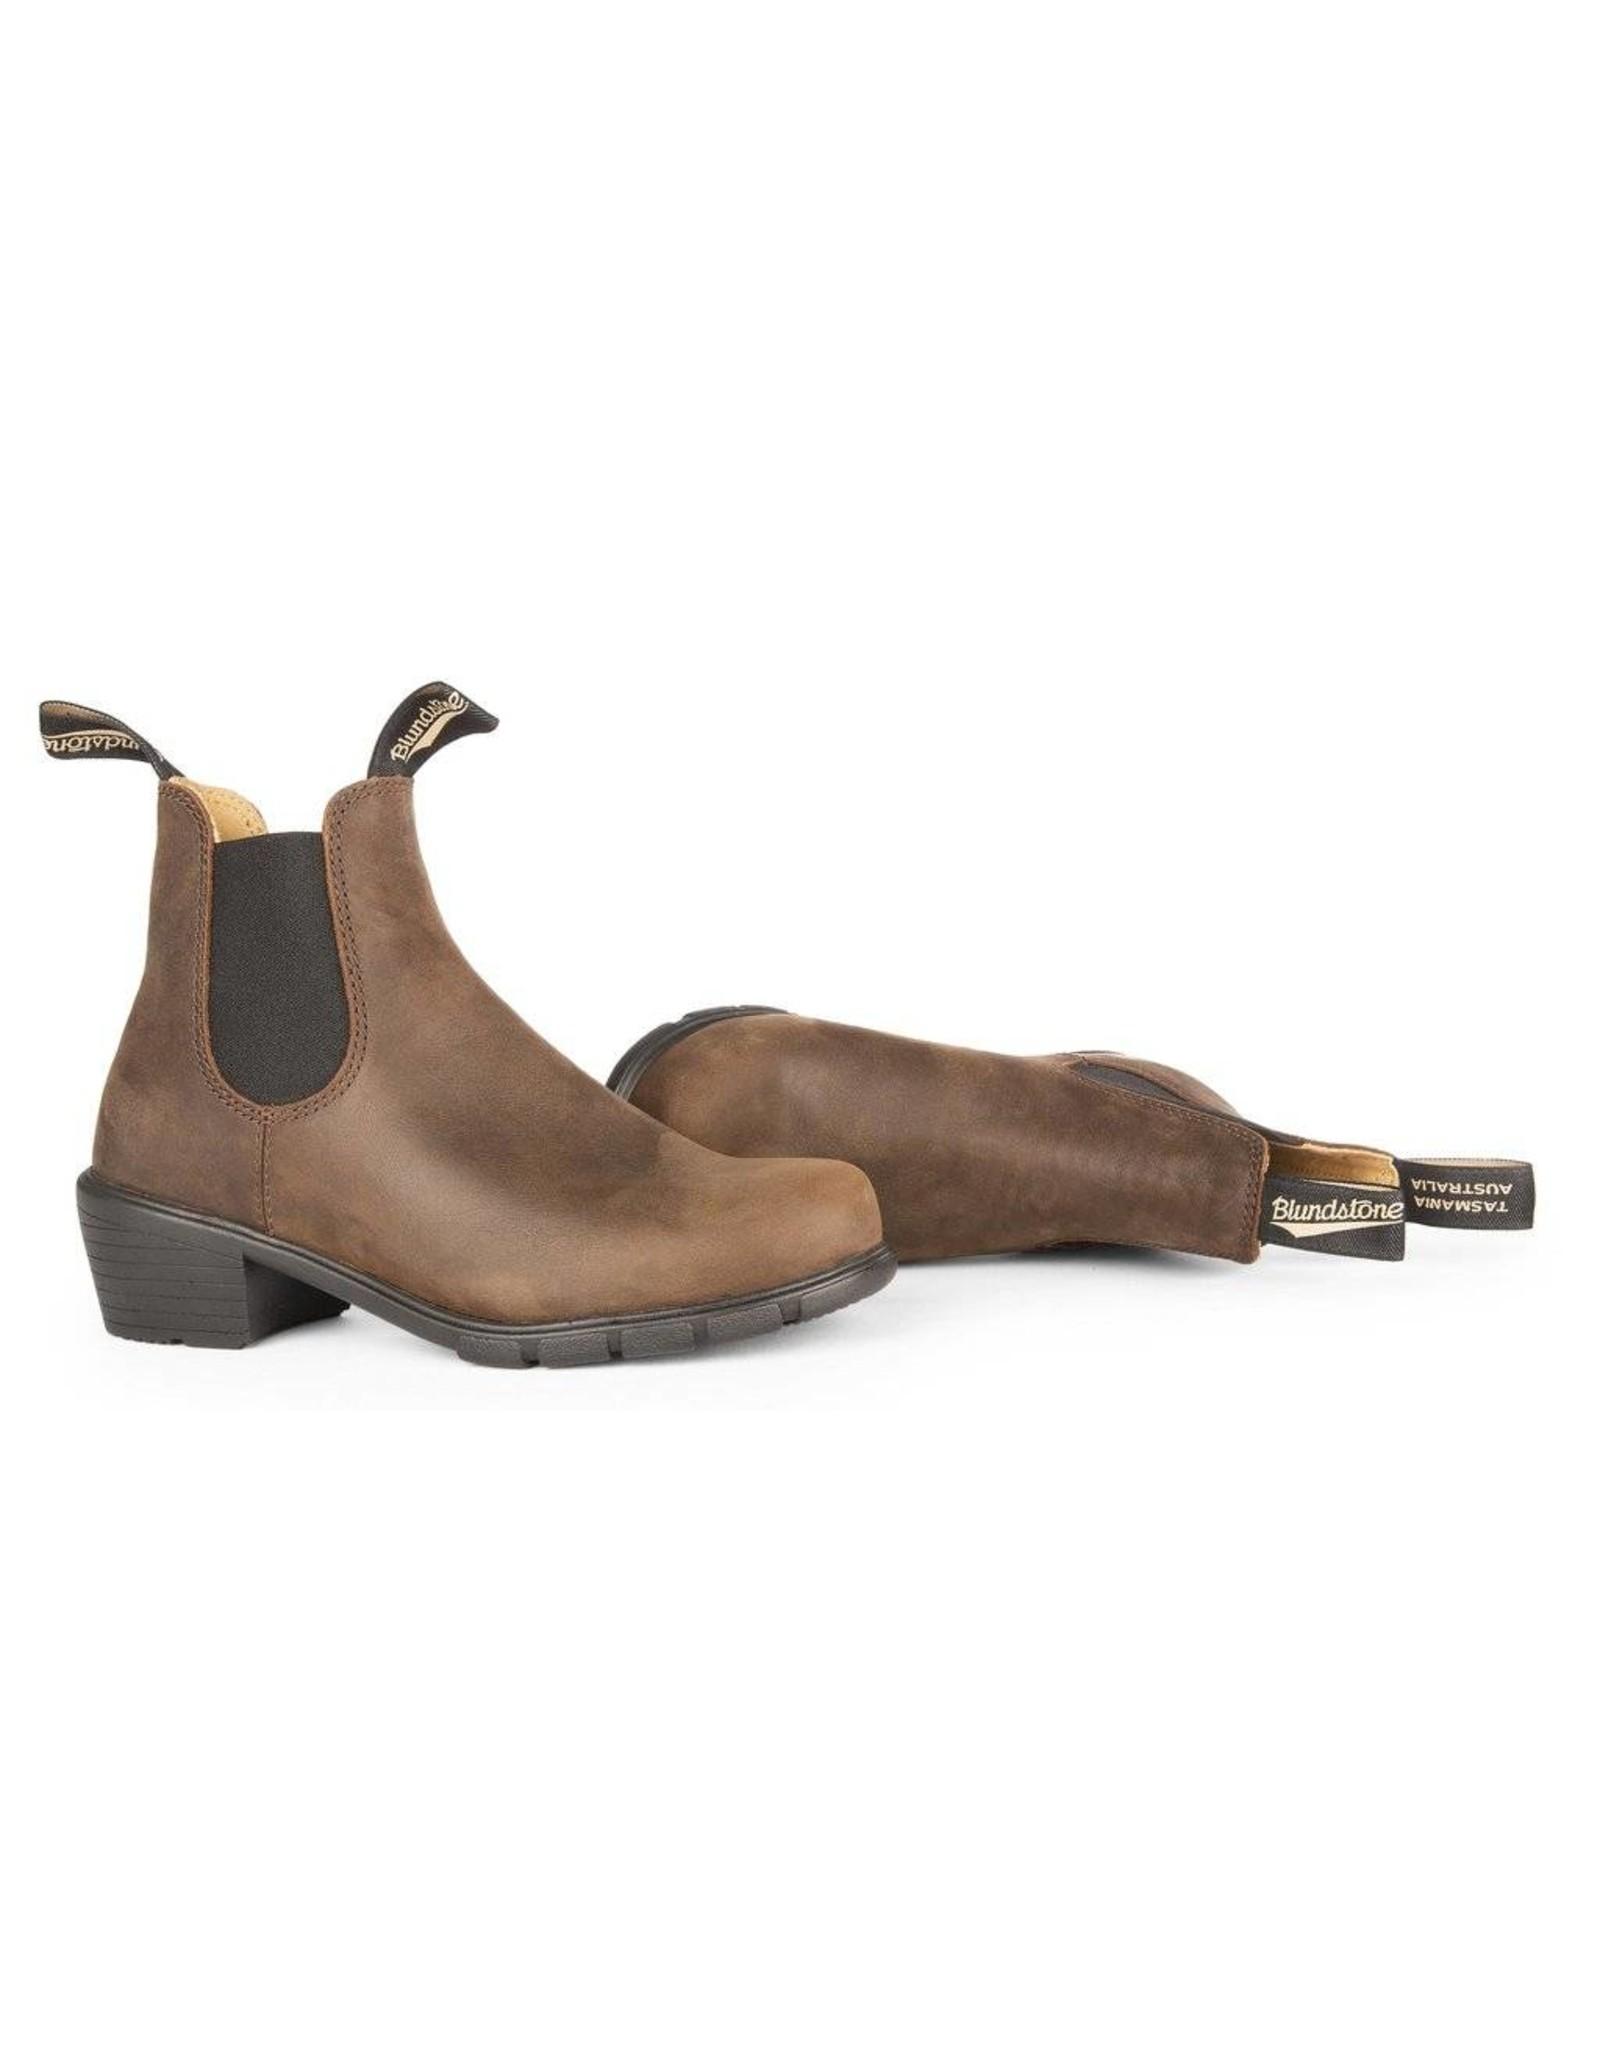 Blundstone Women's Stacked Heel 1673